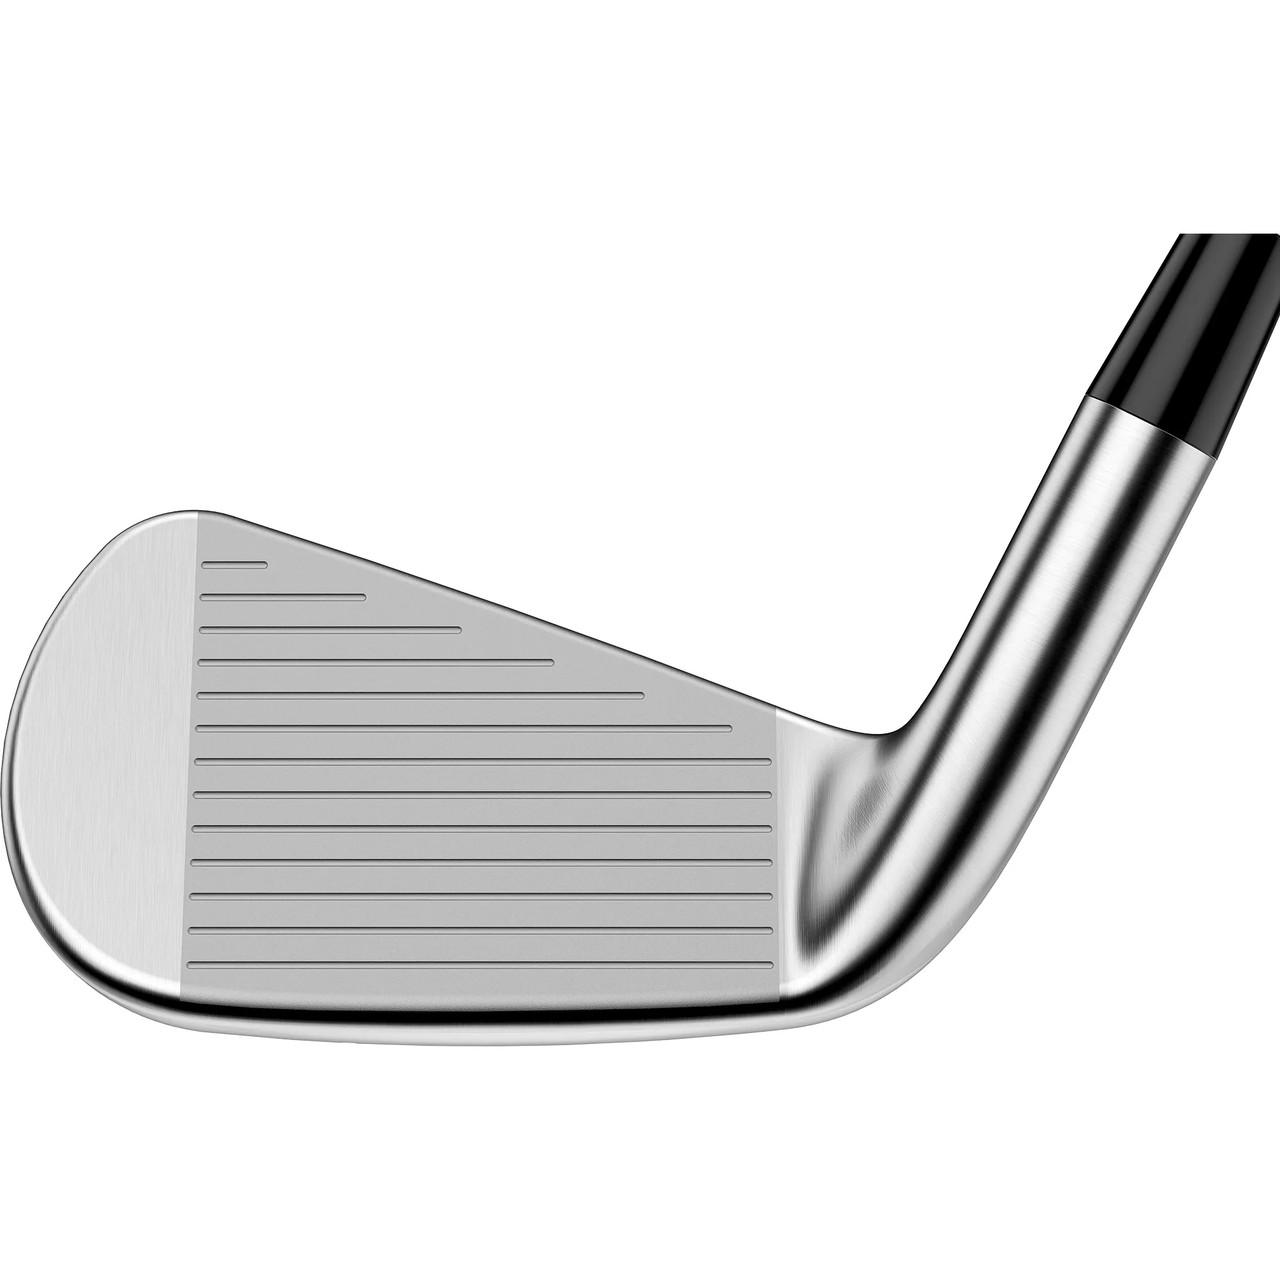 Titleist T200 Single Irons 2021